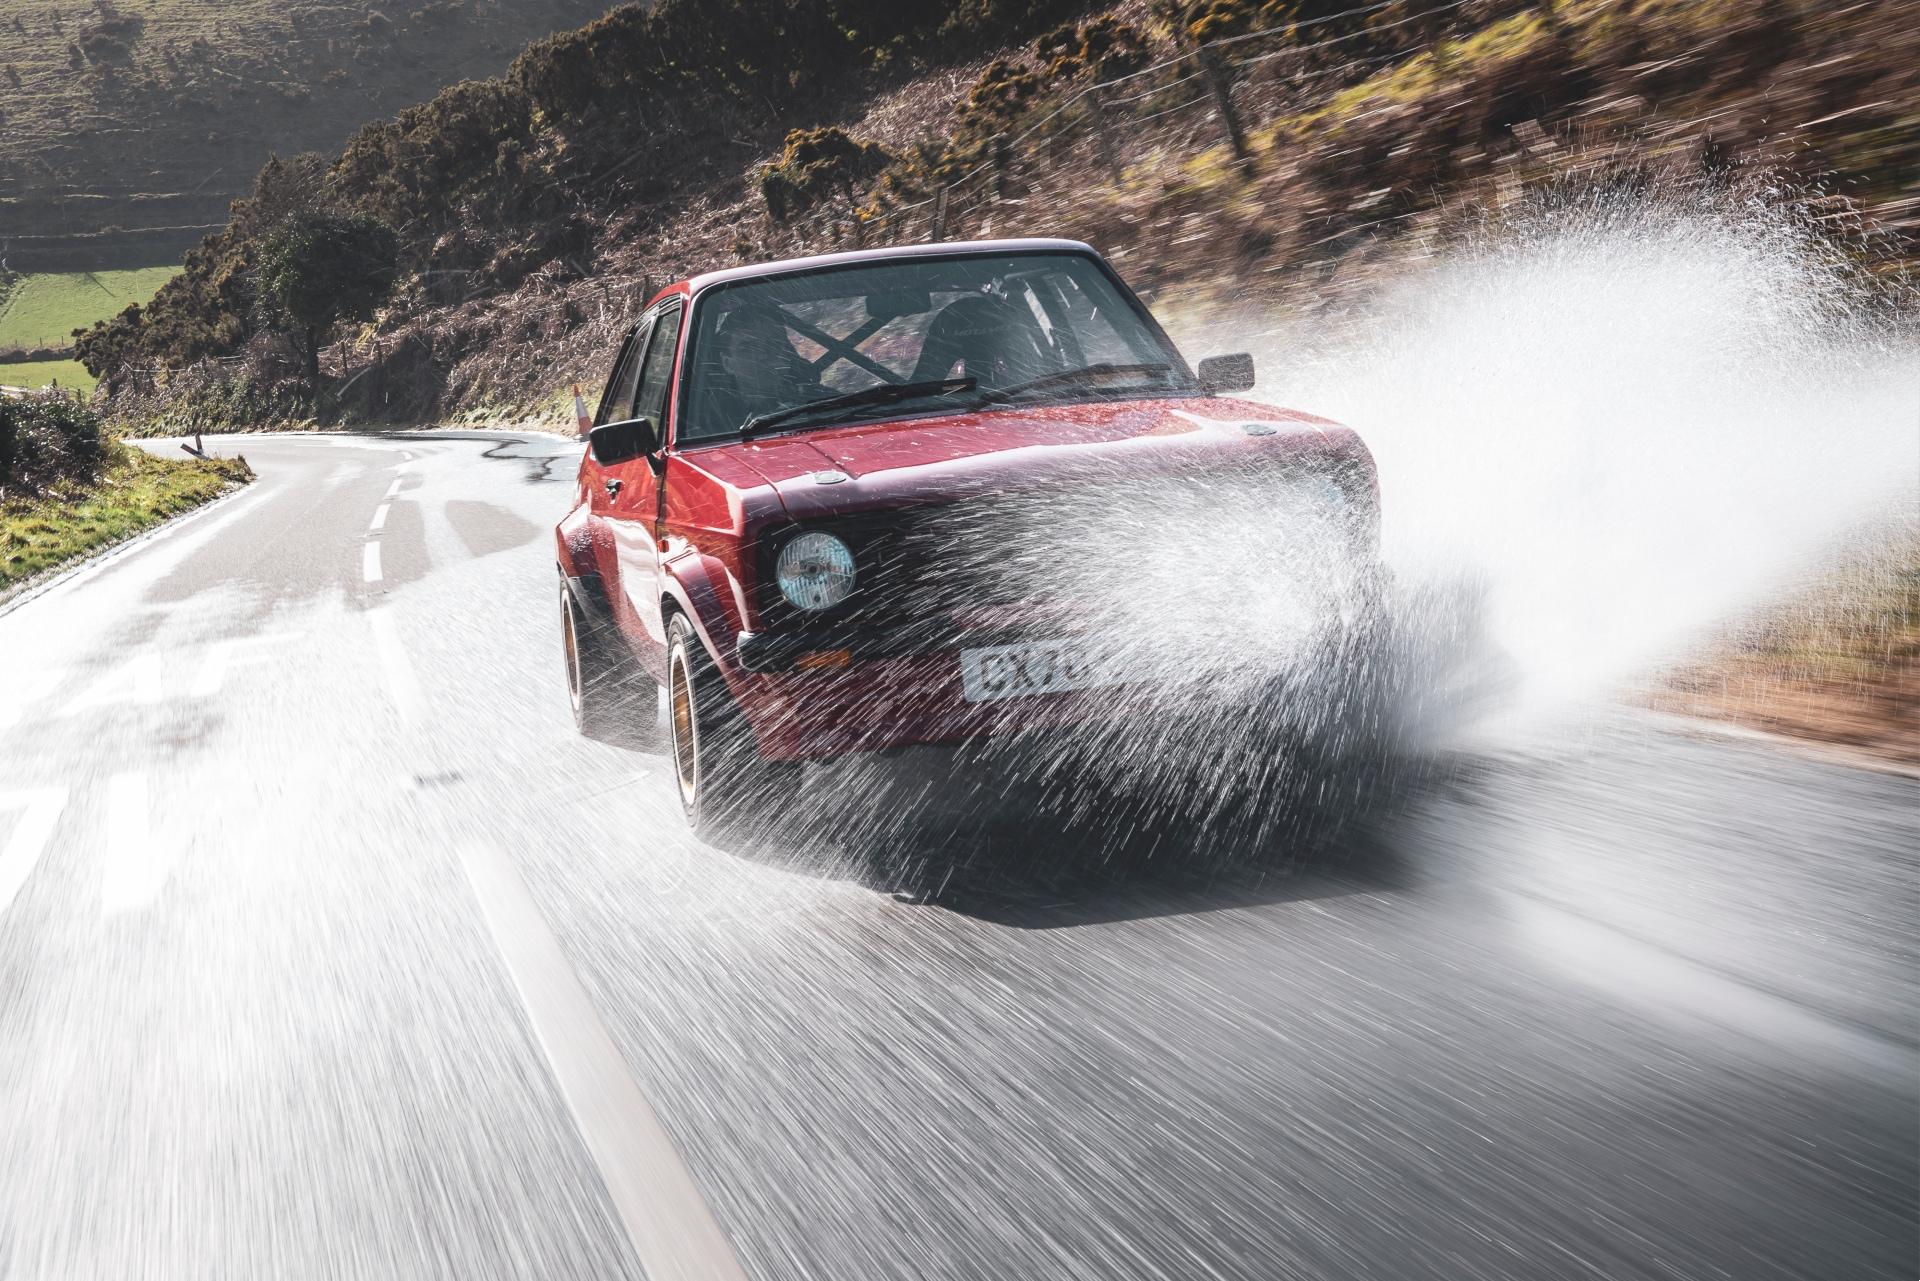 MST Mk2 front splash driving action